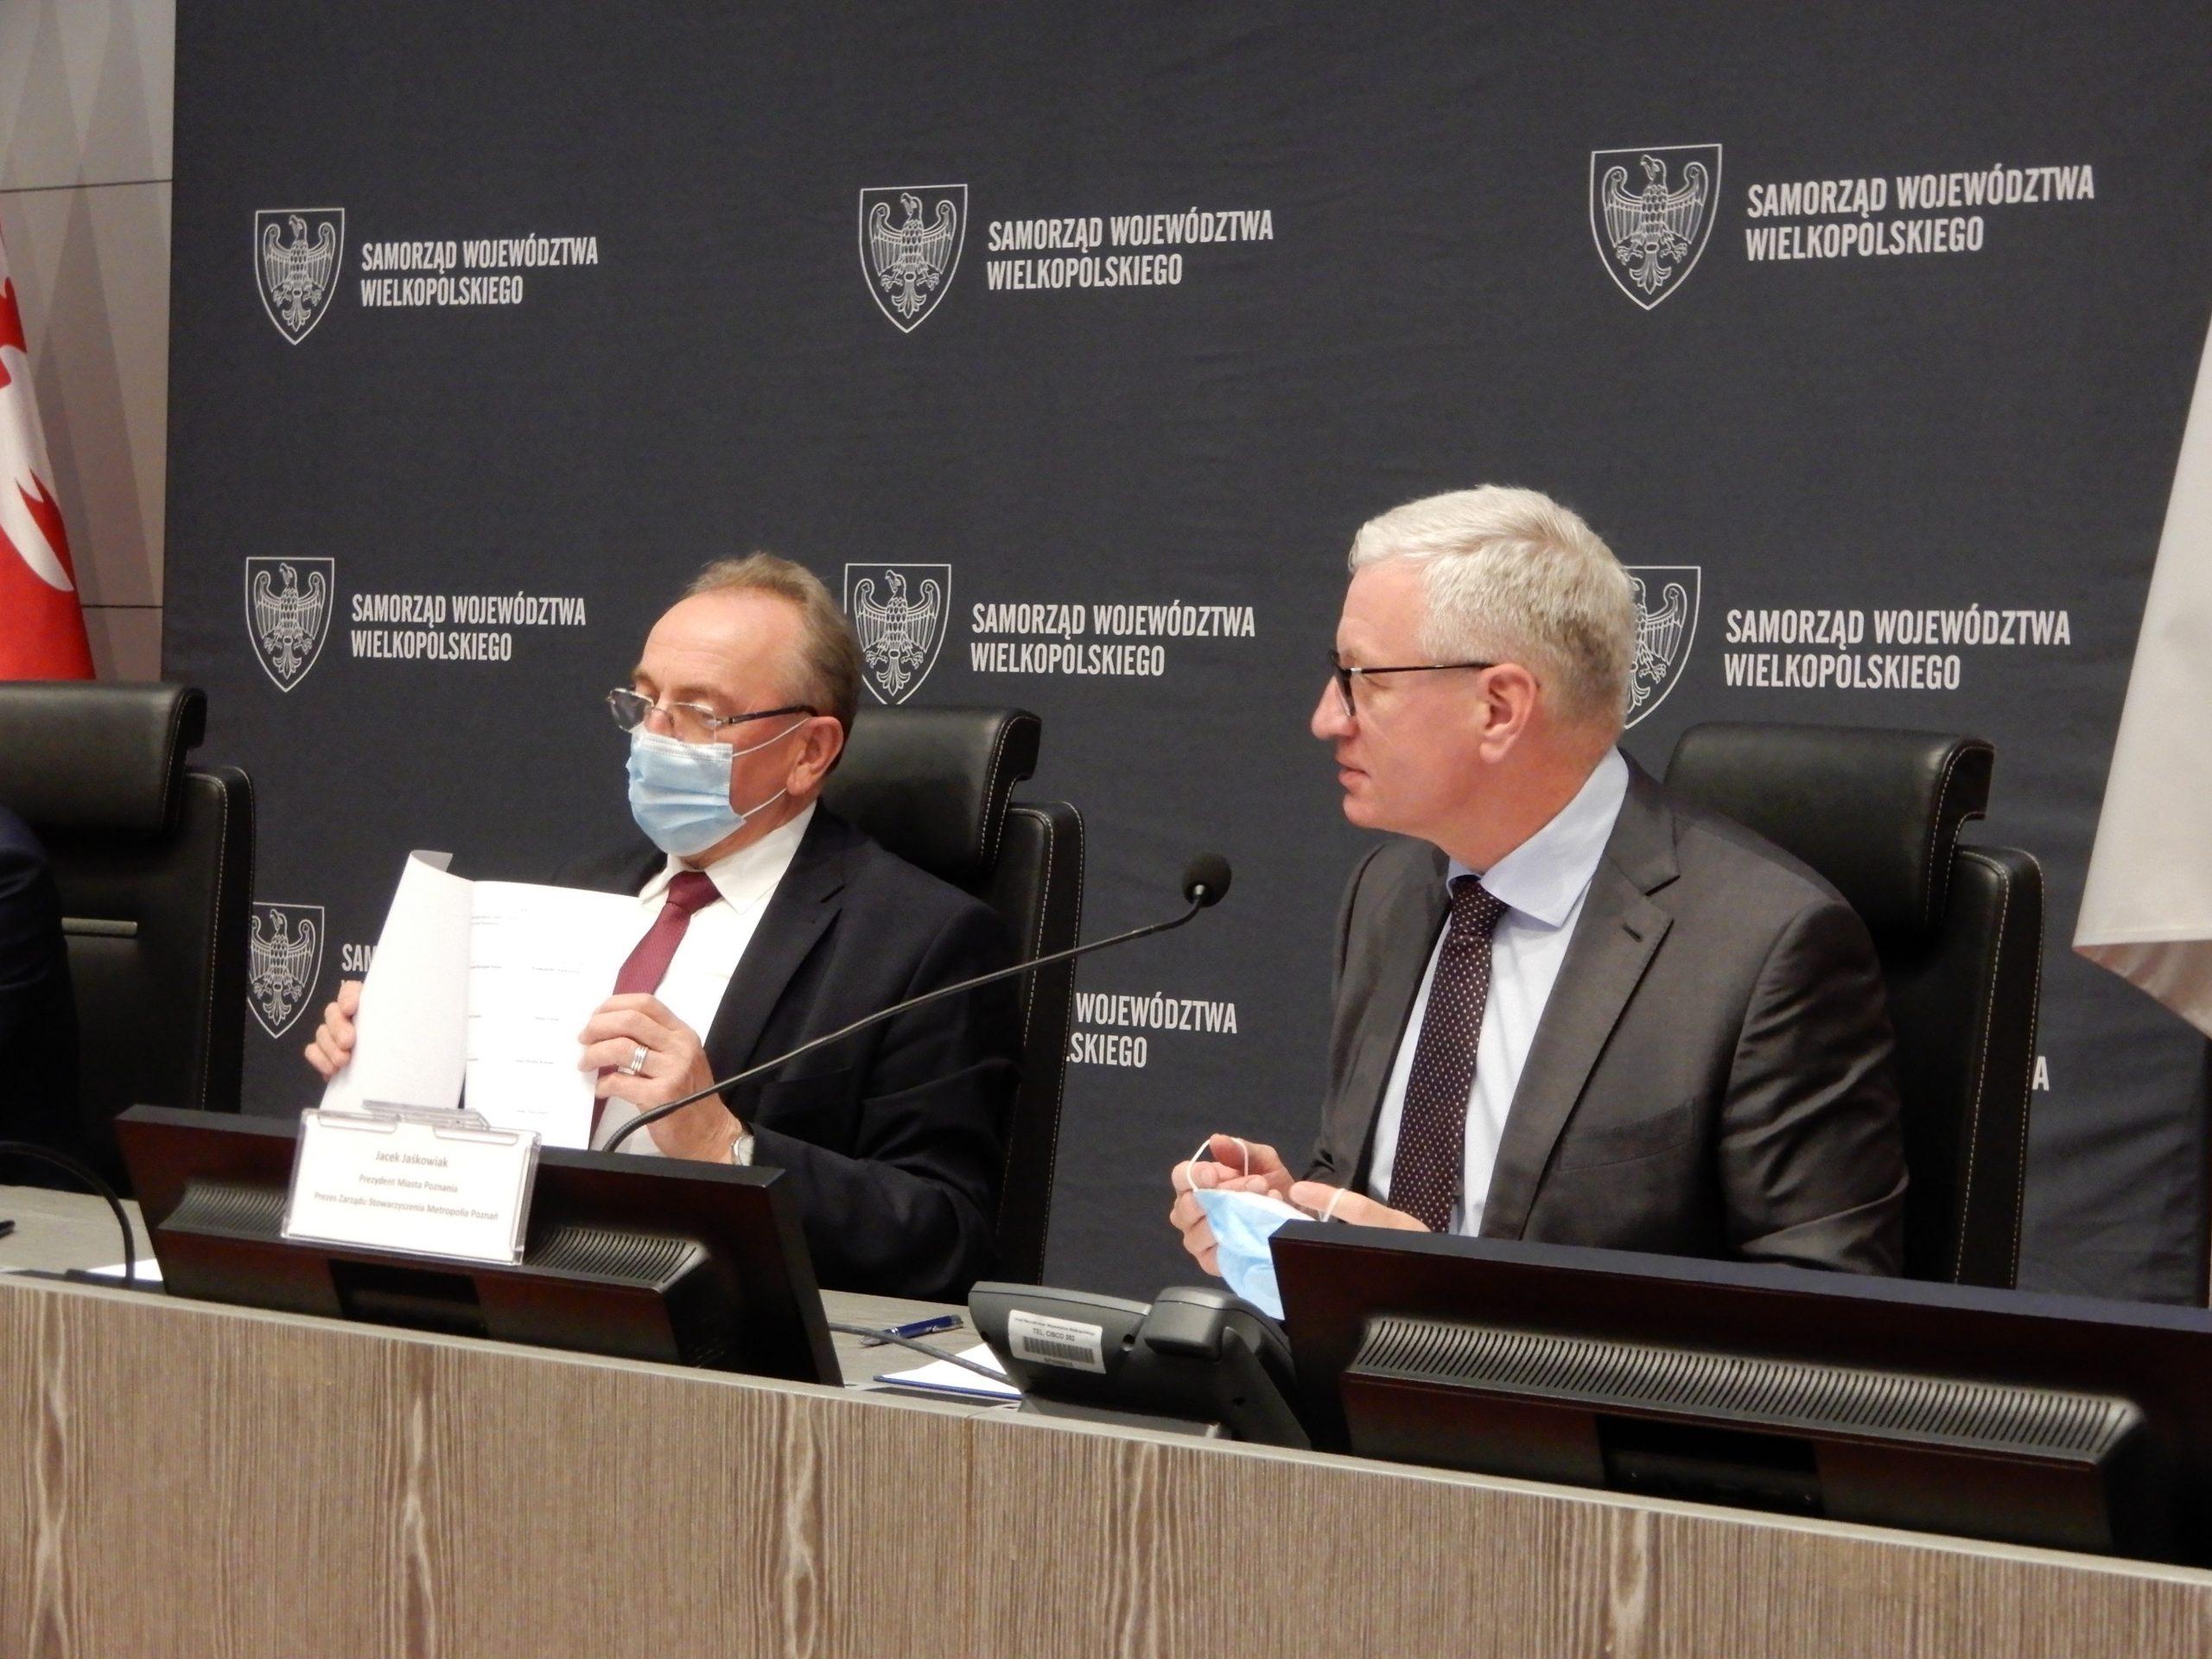 Zdjęcie przedstawiające Prezydenta Poznania i Wicemarszałka Województwa Wielkopolskiego podczas podpisywania porozumienia